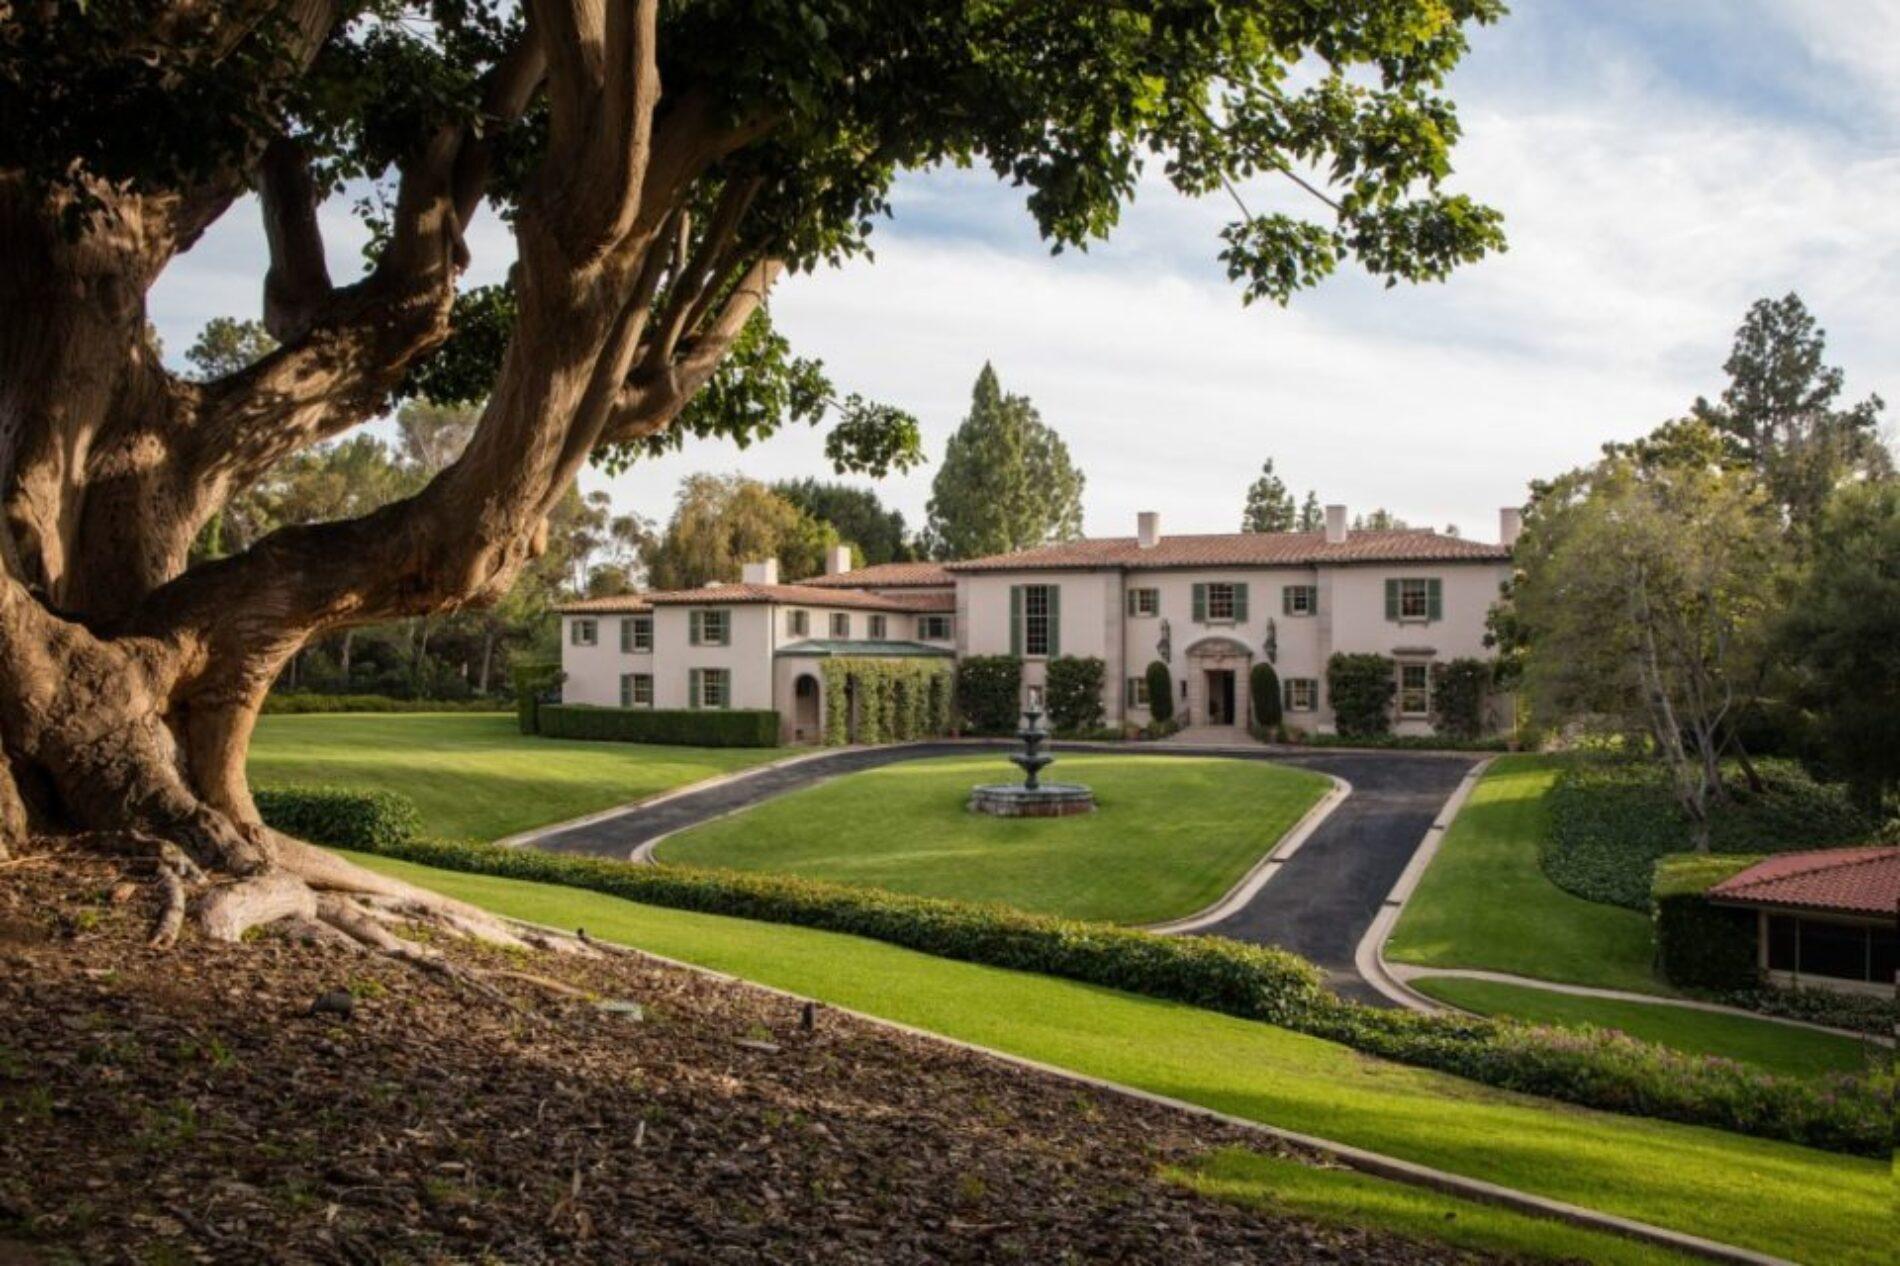 Este fue el hogar de estrellas como Marilyn Monroe, Tony Curtis y Cher